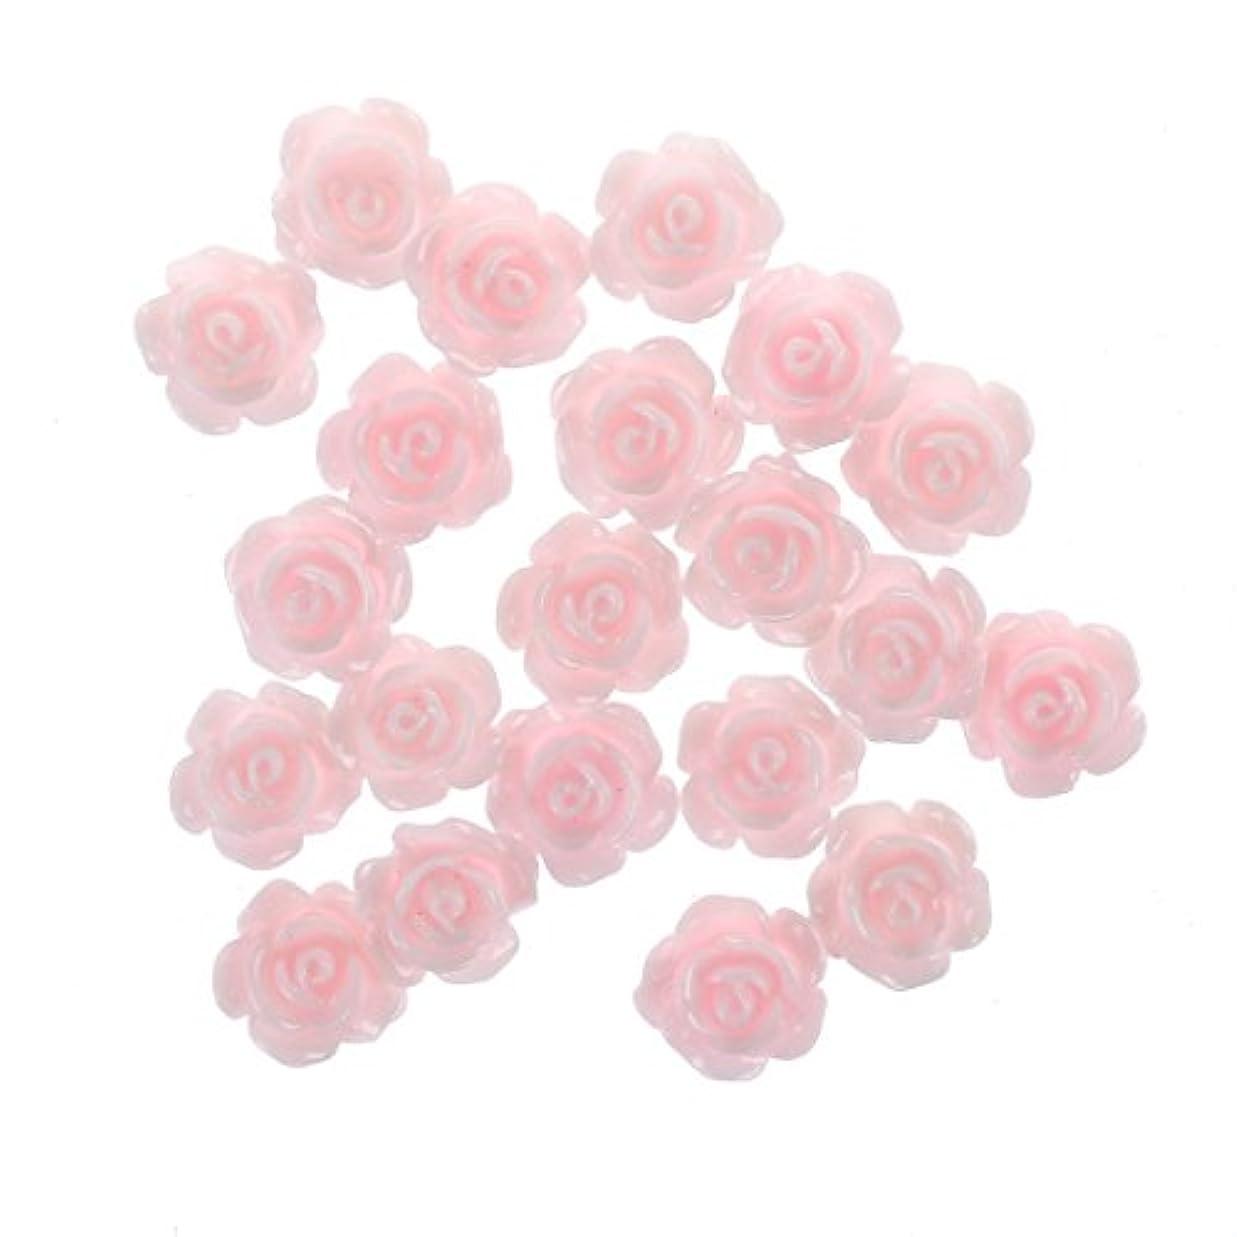 行商人粘土代表ネイルアート,SODIAL(R)20x3Dピンクの小さいバラ ラインストーン付きネイルアート装飾